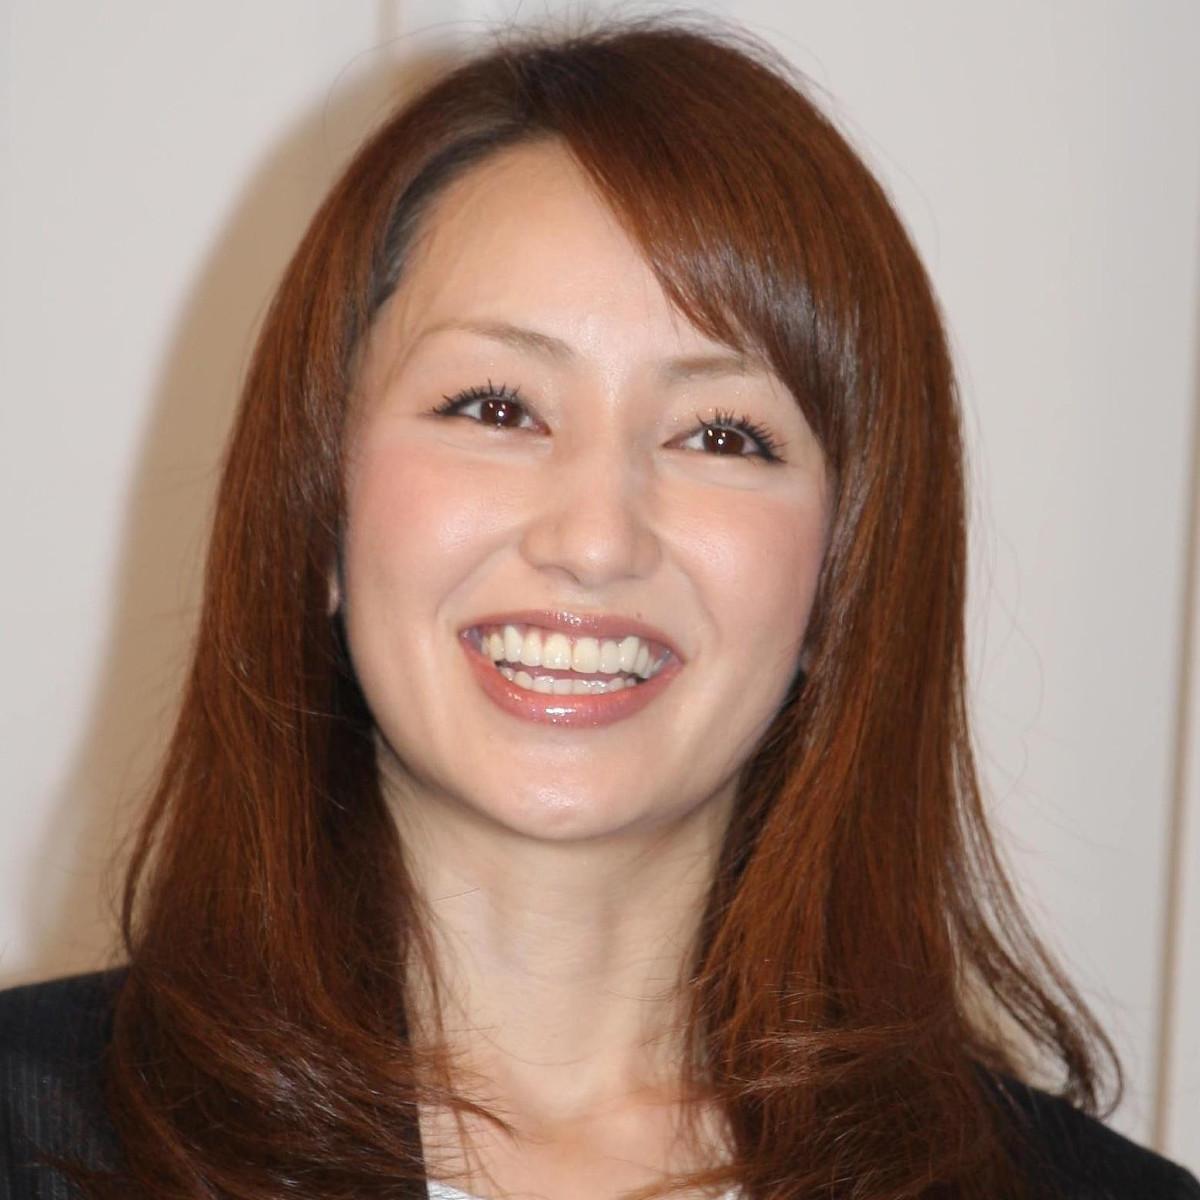 矢田亜希子の画像 p1_30